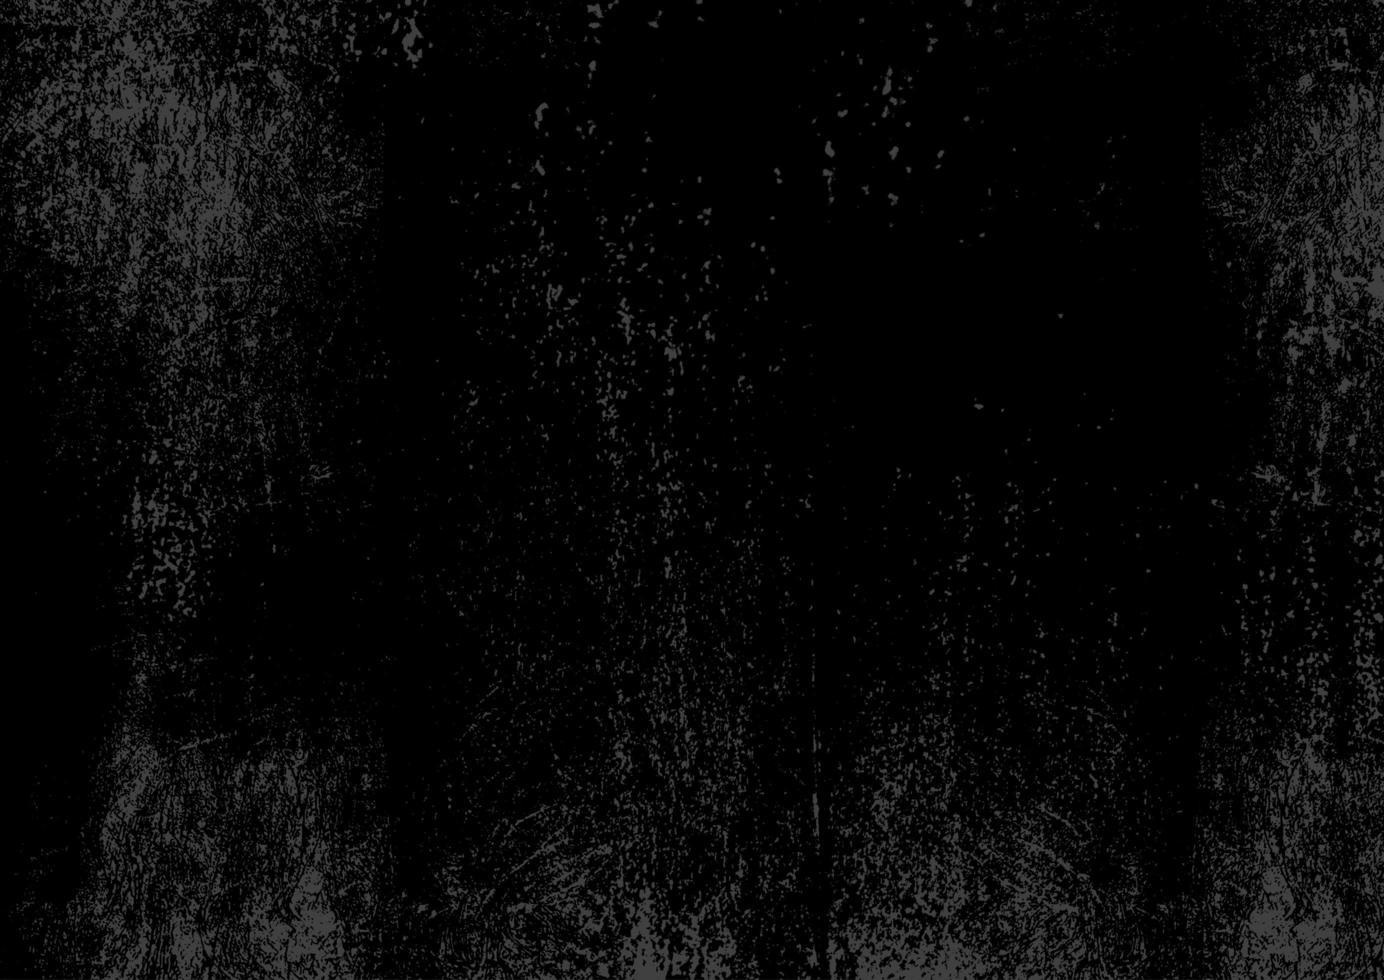 sfondo texture grunge nero e grigio vettore